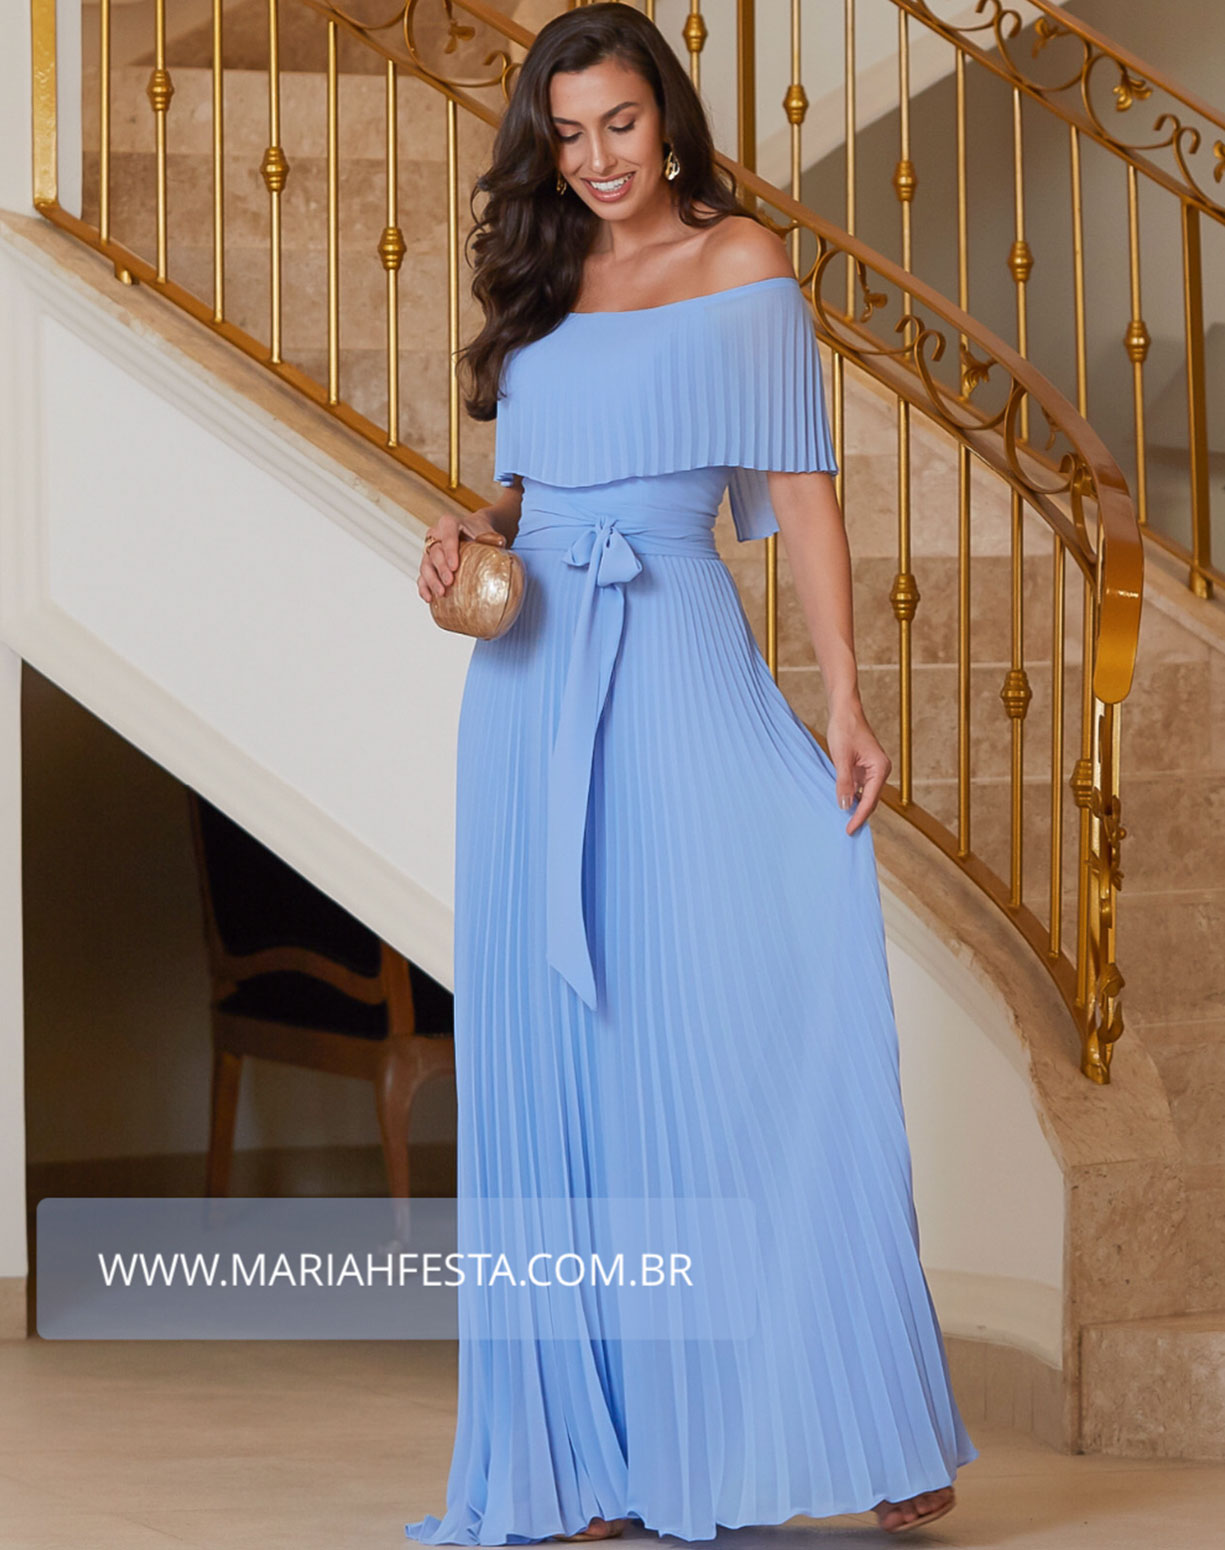 Vestido Azul Serenity Ombro a Ombro Plissado